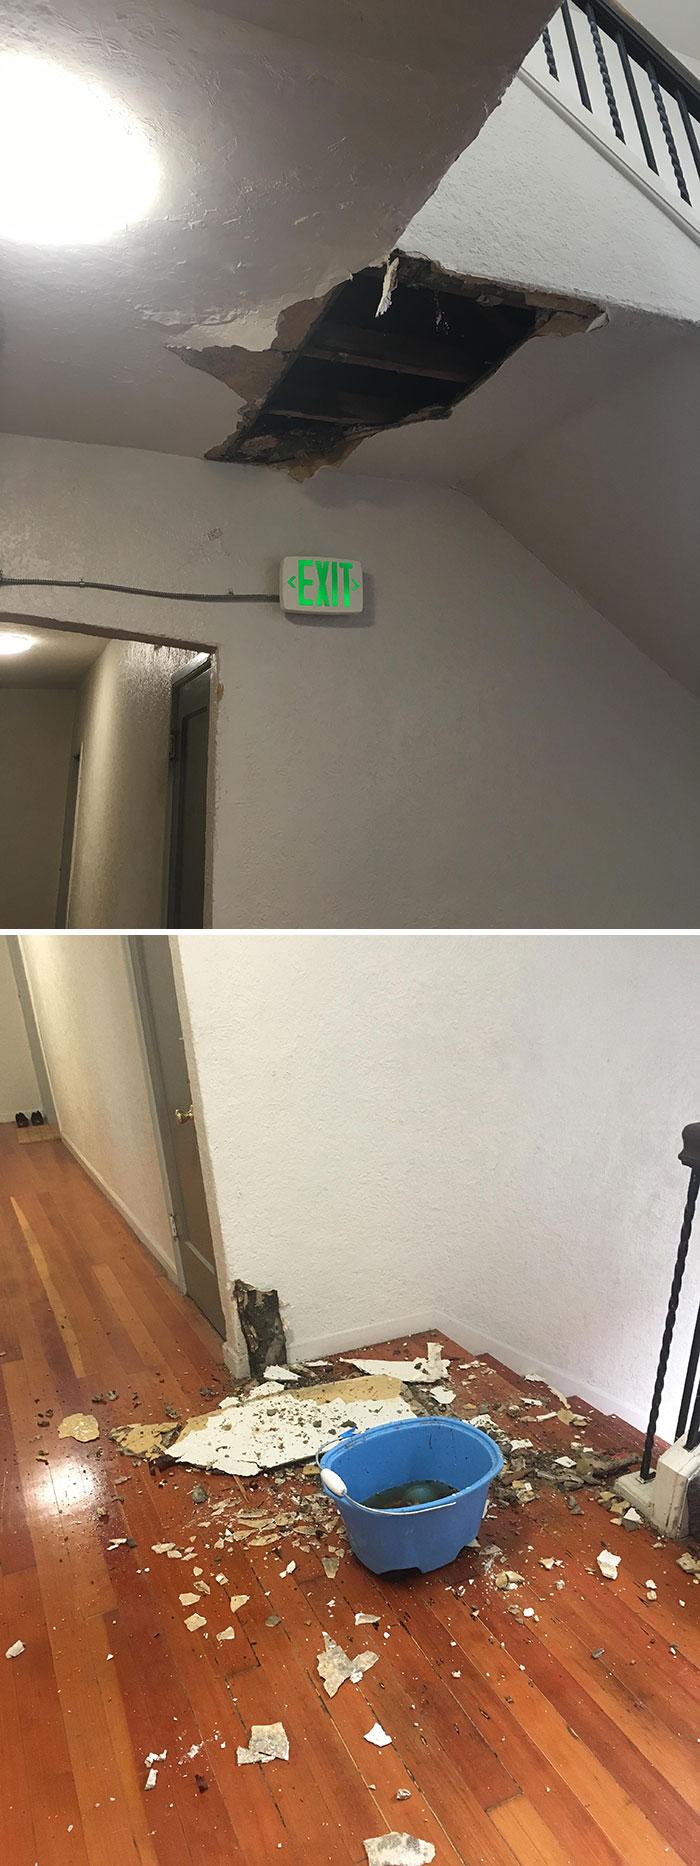 22 fois où des propriétaires ont tellement négligé leurs locataires qu'ils ont dû prendre des photos comme preuve